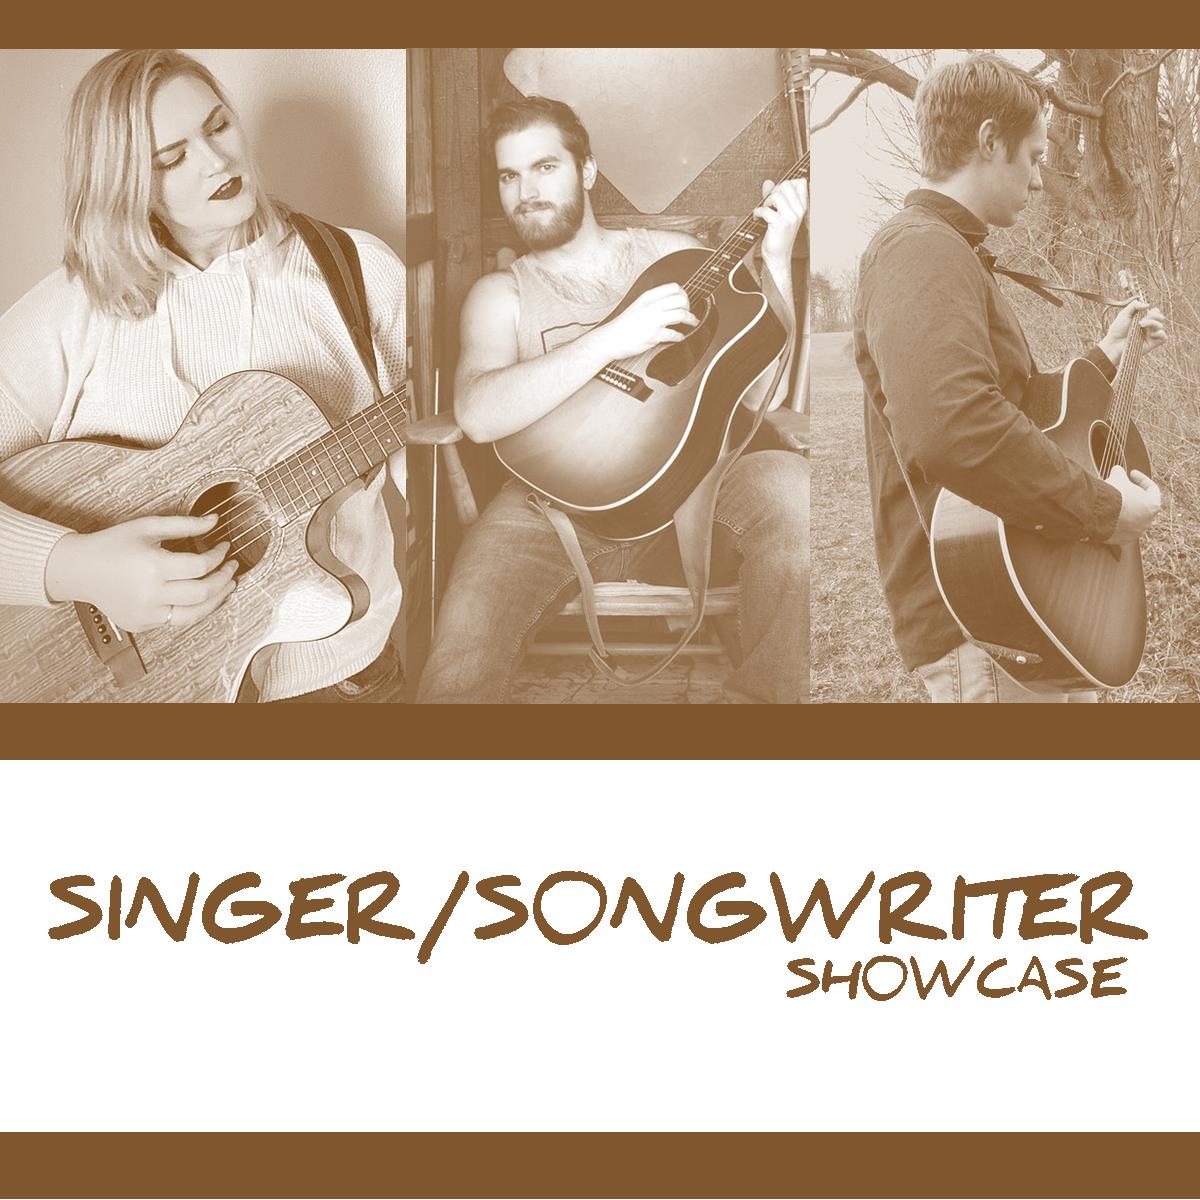 Singer/Songwriter Showcase